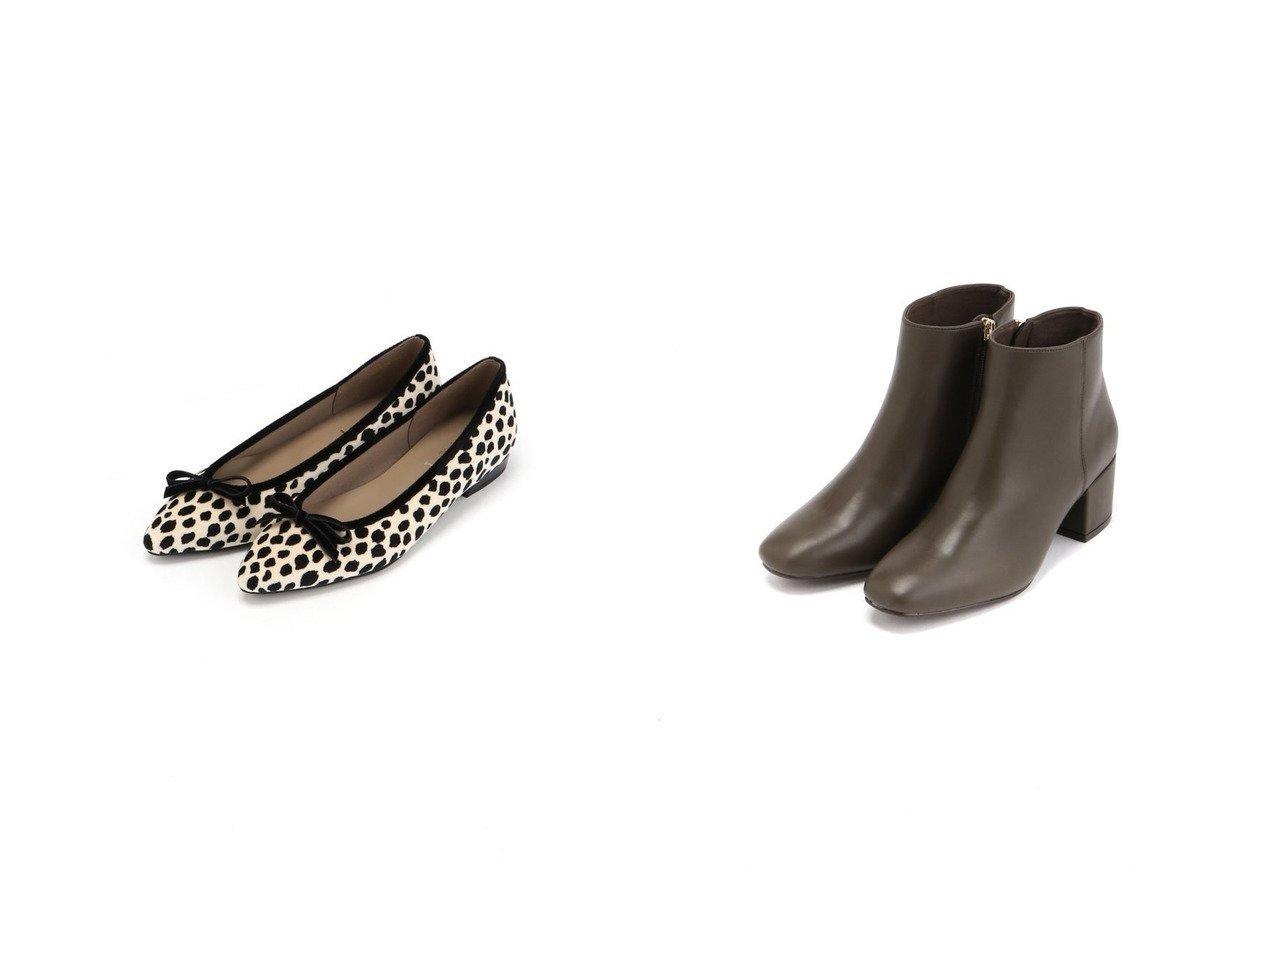 【Le Talon/ル タロン】の4cmスクエアレインSB(XS-XL)&POダルメシアンバレエ シューズ・靴のおすすめ!人気、トレンド・レディースファッションの通販 おすすめで人気の流行・トレンド、ファッションの通販商品 メンズファッション・キッズファッション・インテリア・家具・レディースファッション・服の通販 founy(ファニー) https://founy.com/ ファッション Fashion レディースファッション WOMEN NEW・新作・新着・新入荷 New Arrivals シューズ バレエ フォルム リボン インソール インナー クッション 抗菌 ショート スエード A/W 秋冬 AW Autumn/Winter / FW Fall-Winter 2020年 2020 2020-2021 秋冬 A/W AW Autumn/Winter / FW Fall-Winter 2020-2021  ID:crp329100000012966